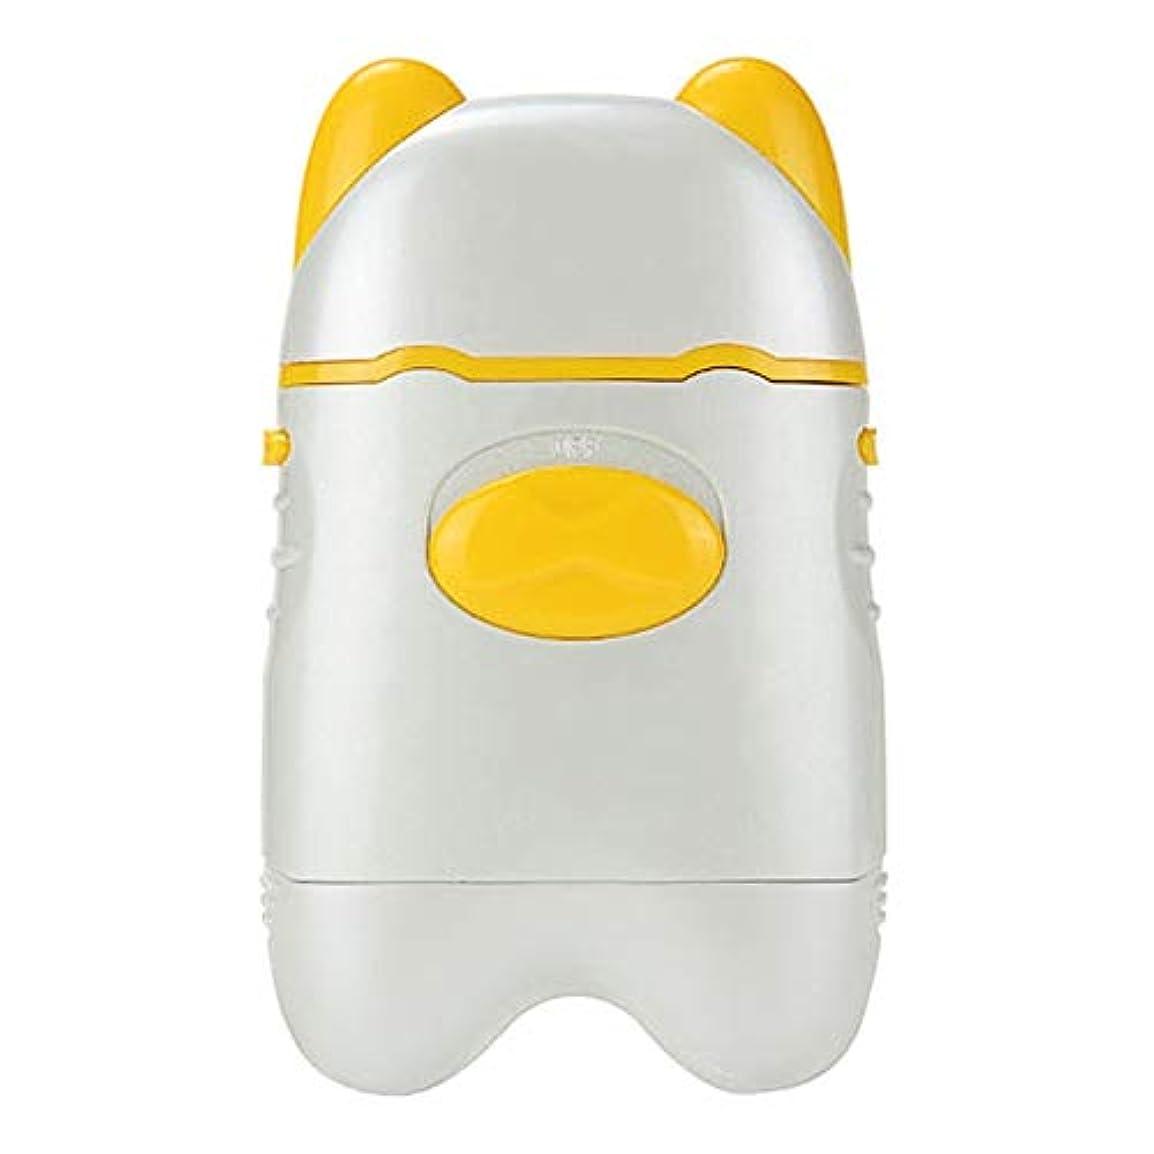 ハードぞっとするような操縦する電気子供のネイルはさみクリッパーズ自動マニキュアナイフドライバッテリー電動ネイルポリッシャーネイル